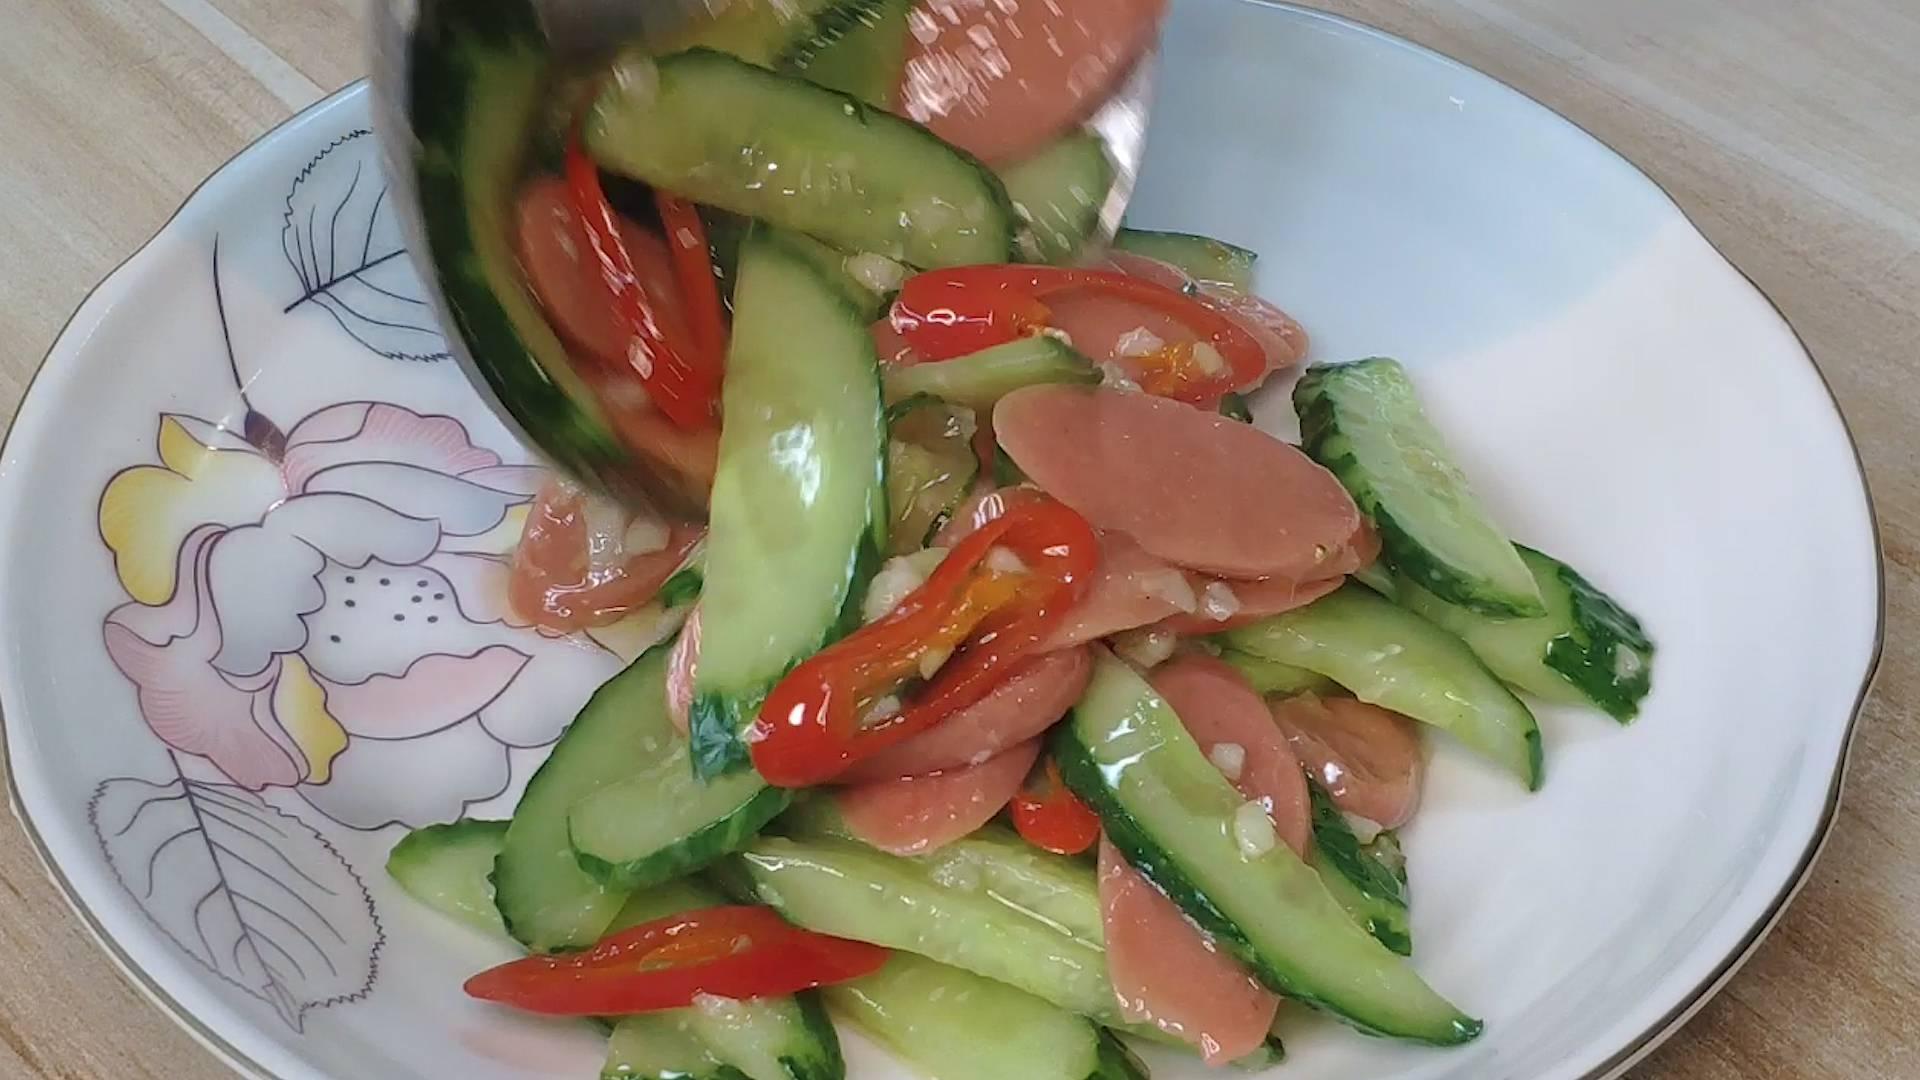 黄瓜炒火腿的正确做法,鲜香入味又营养,在家也能做出饭店的味道